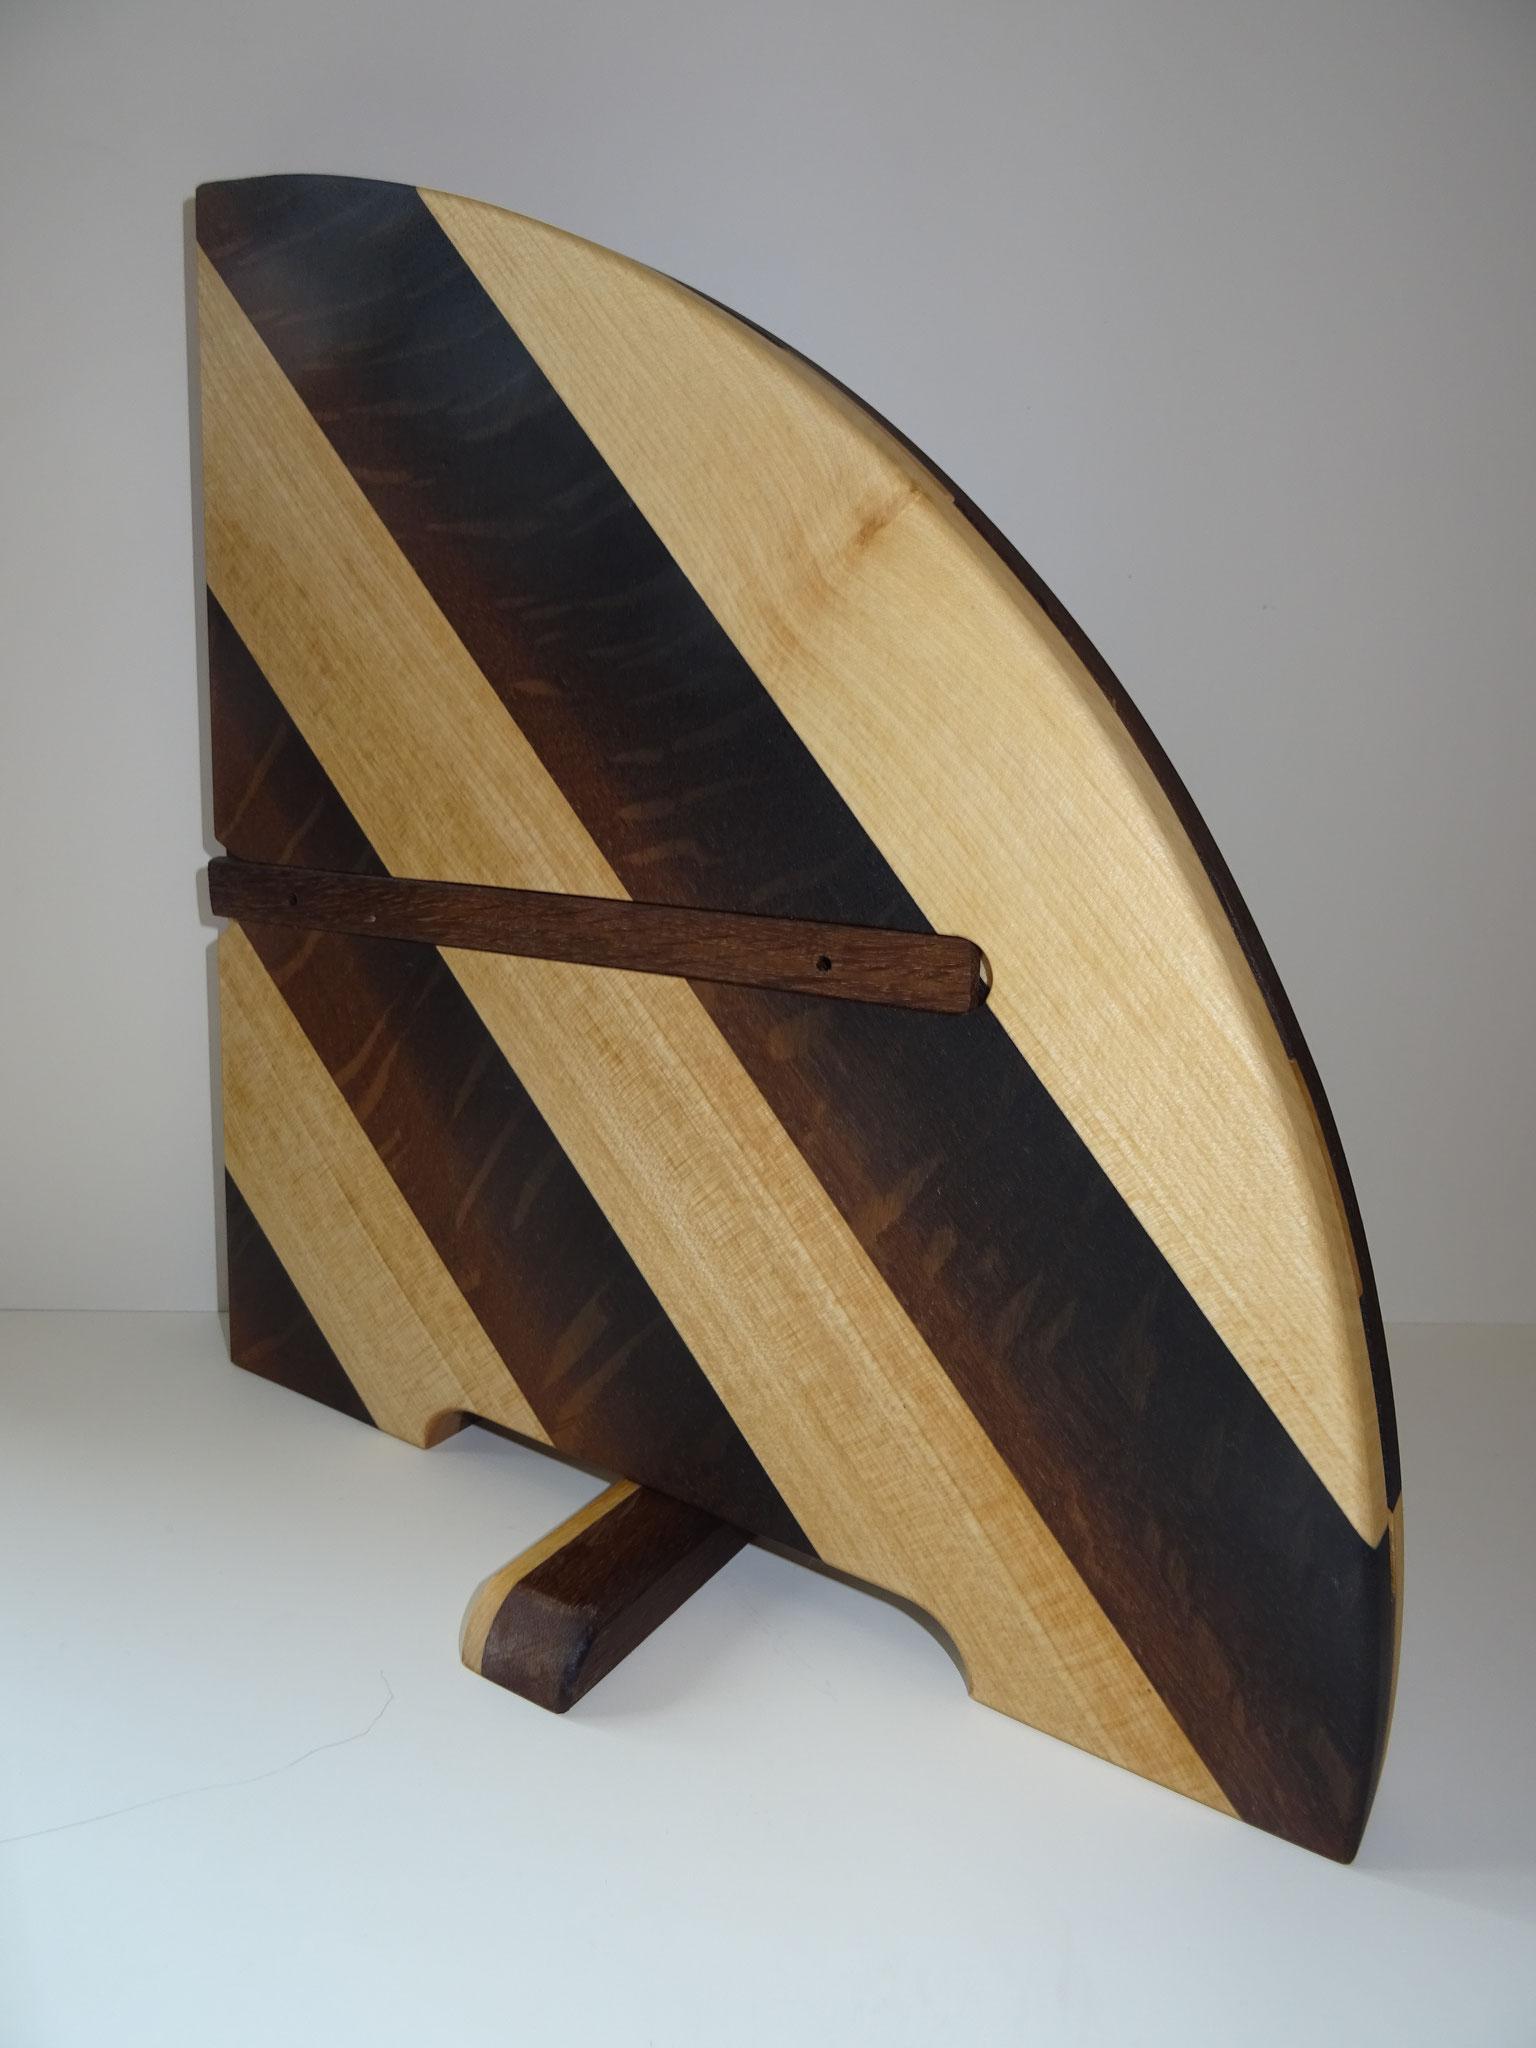 Moor-Eiche mit Ahorn diagonal (Farbbeispiel)